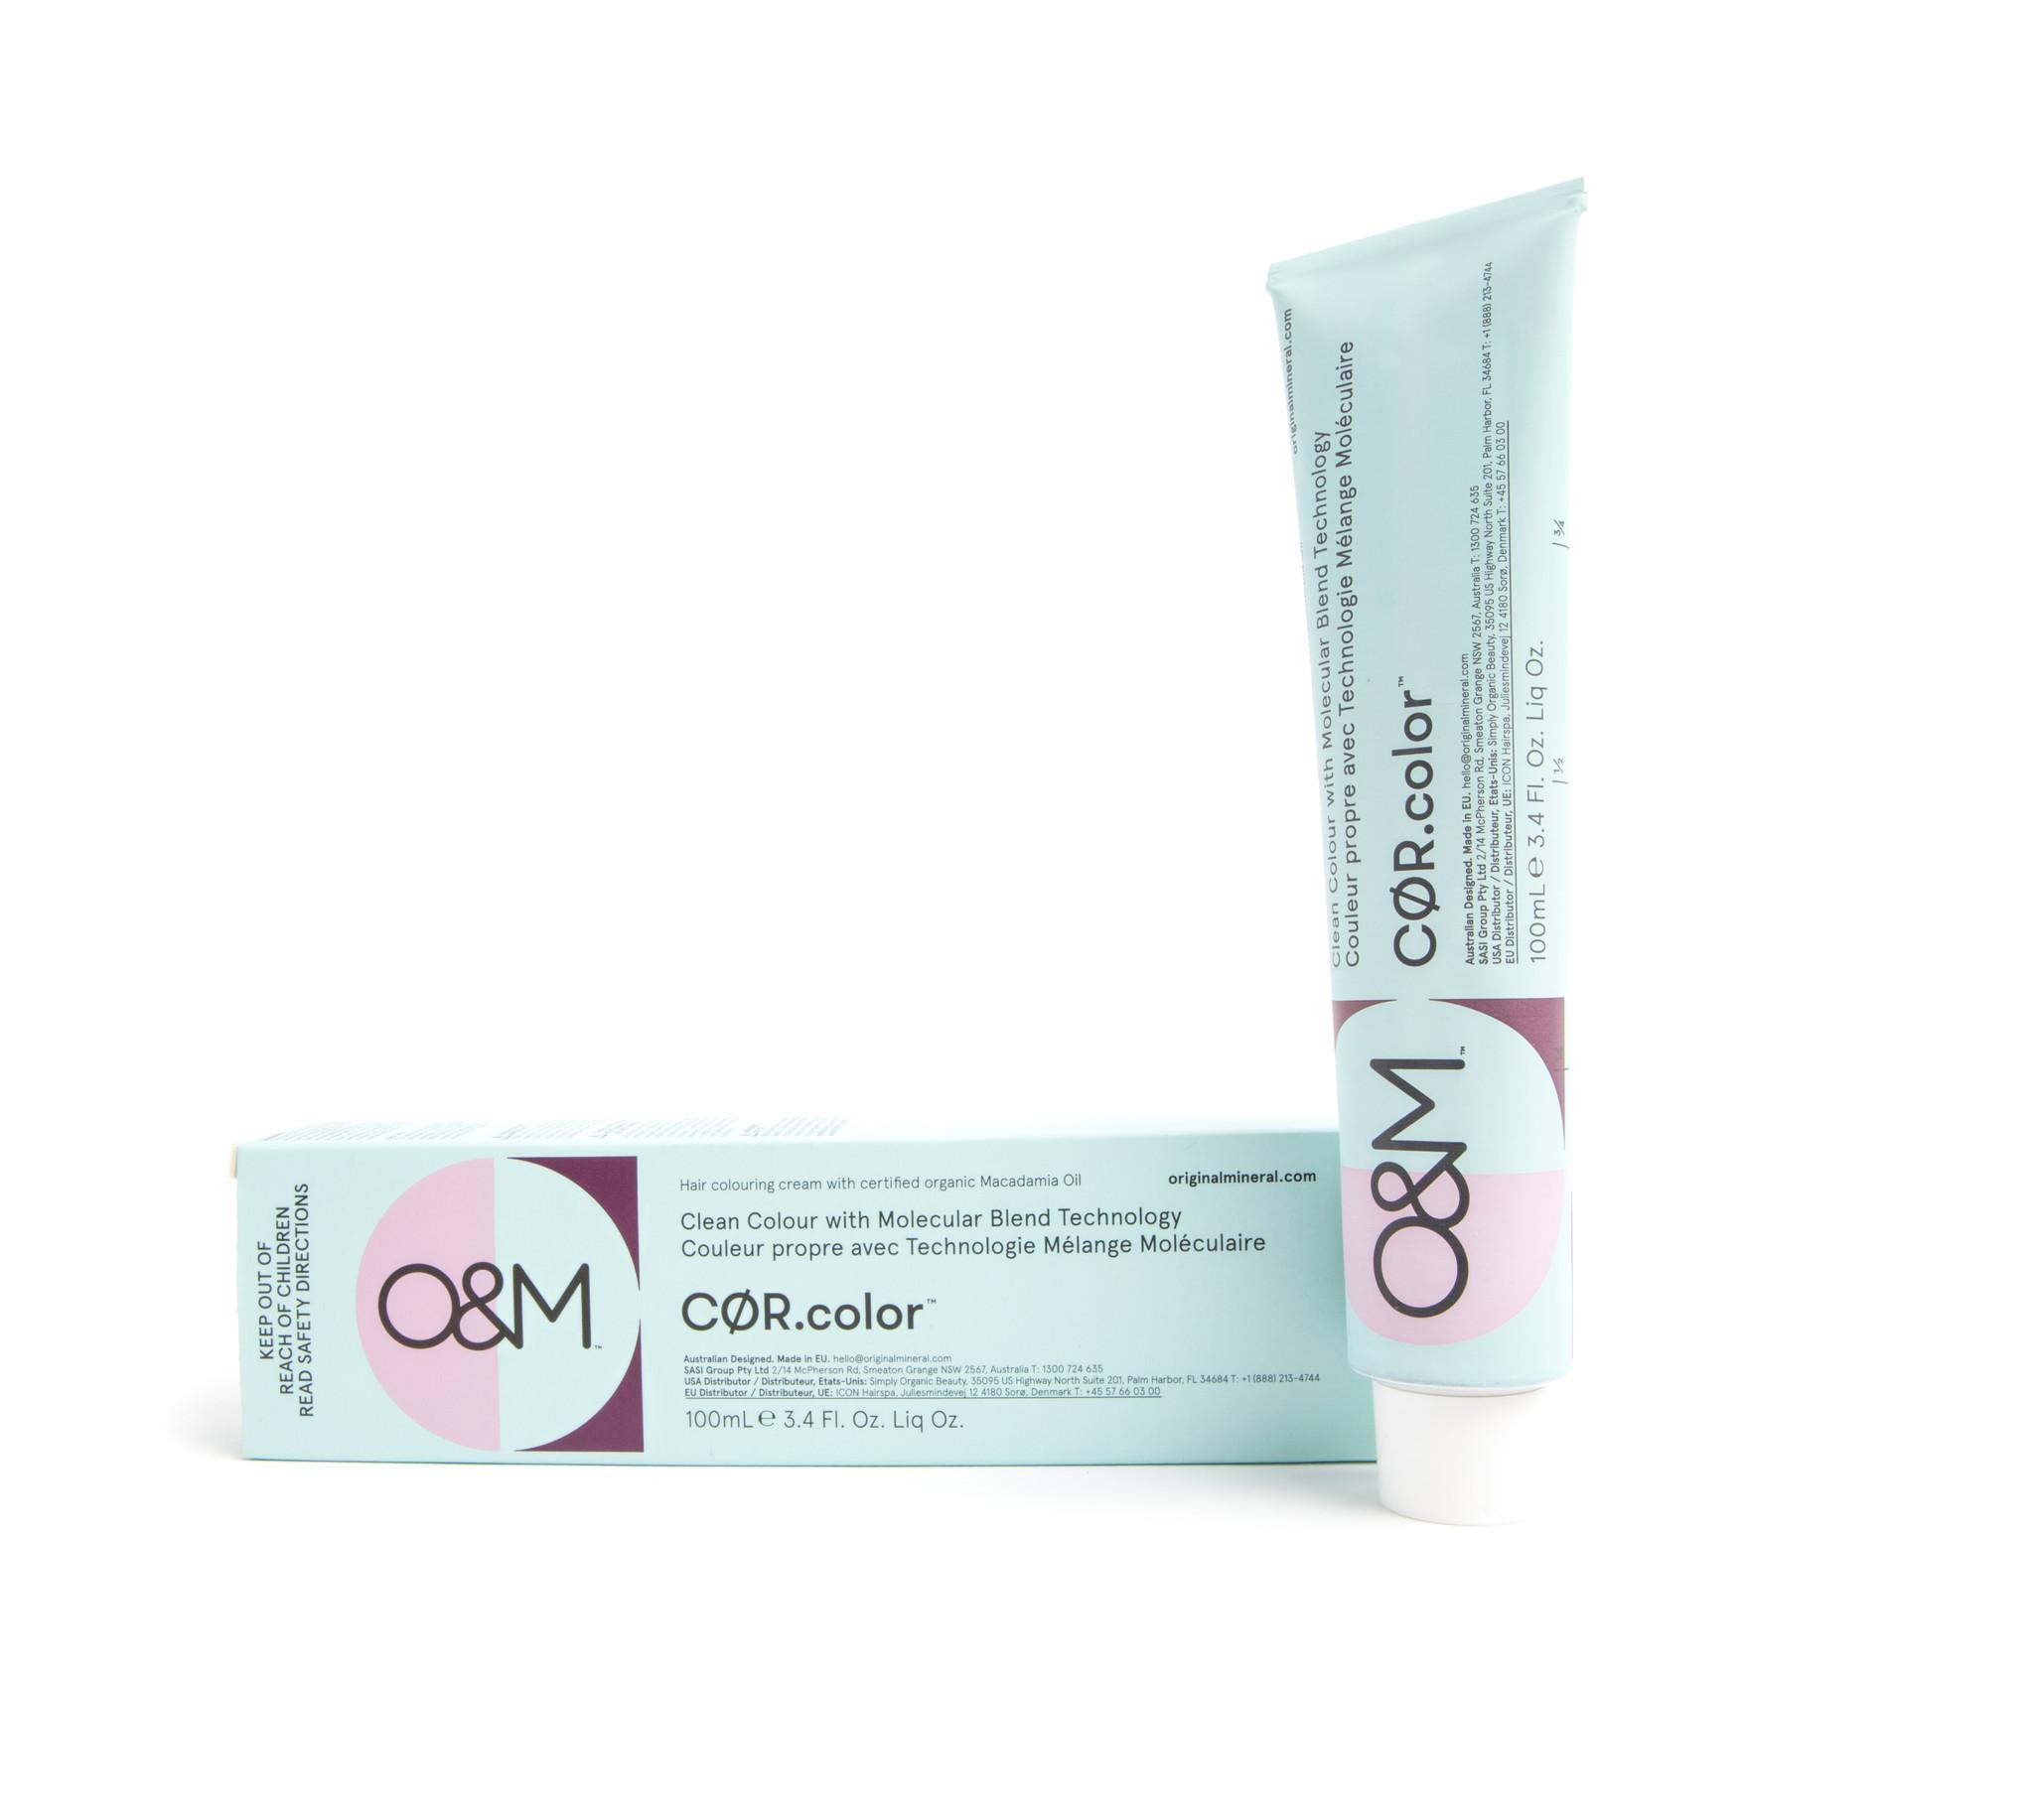 O&M - Original Mineral O&M CØR.color Lilac Pastel 100g